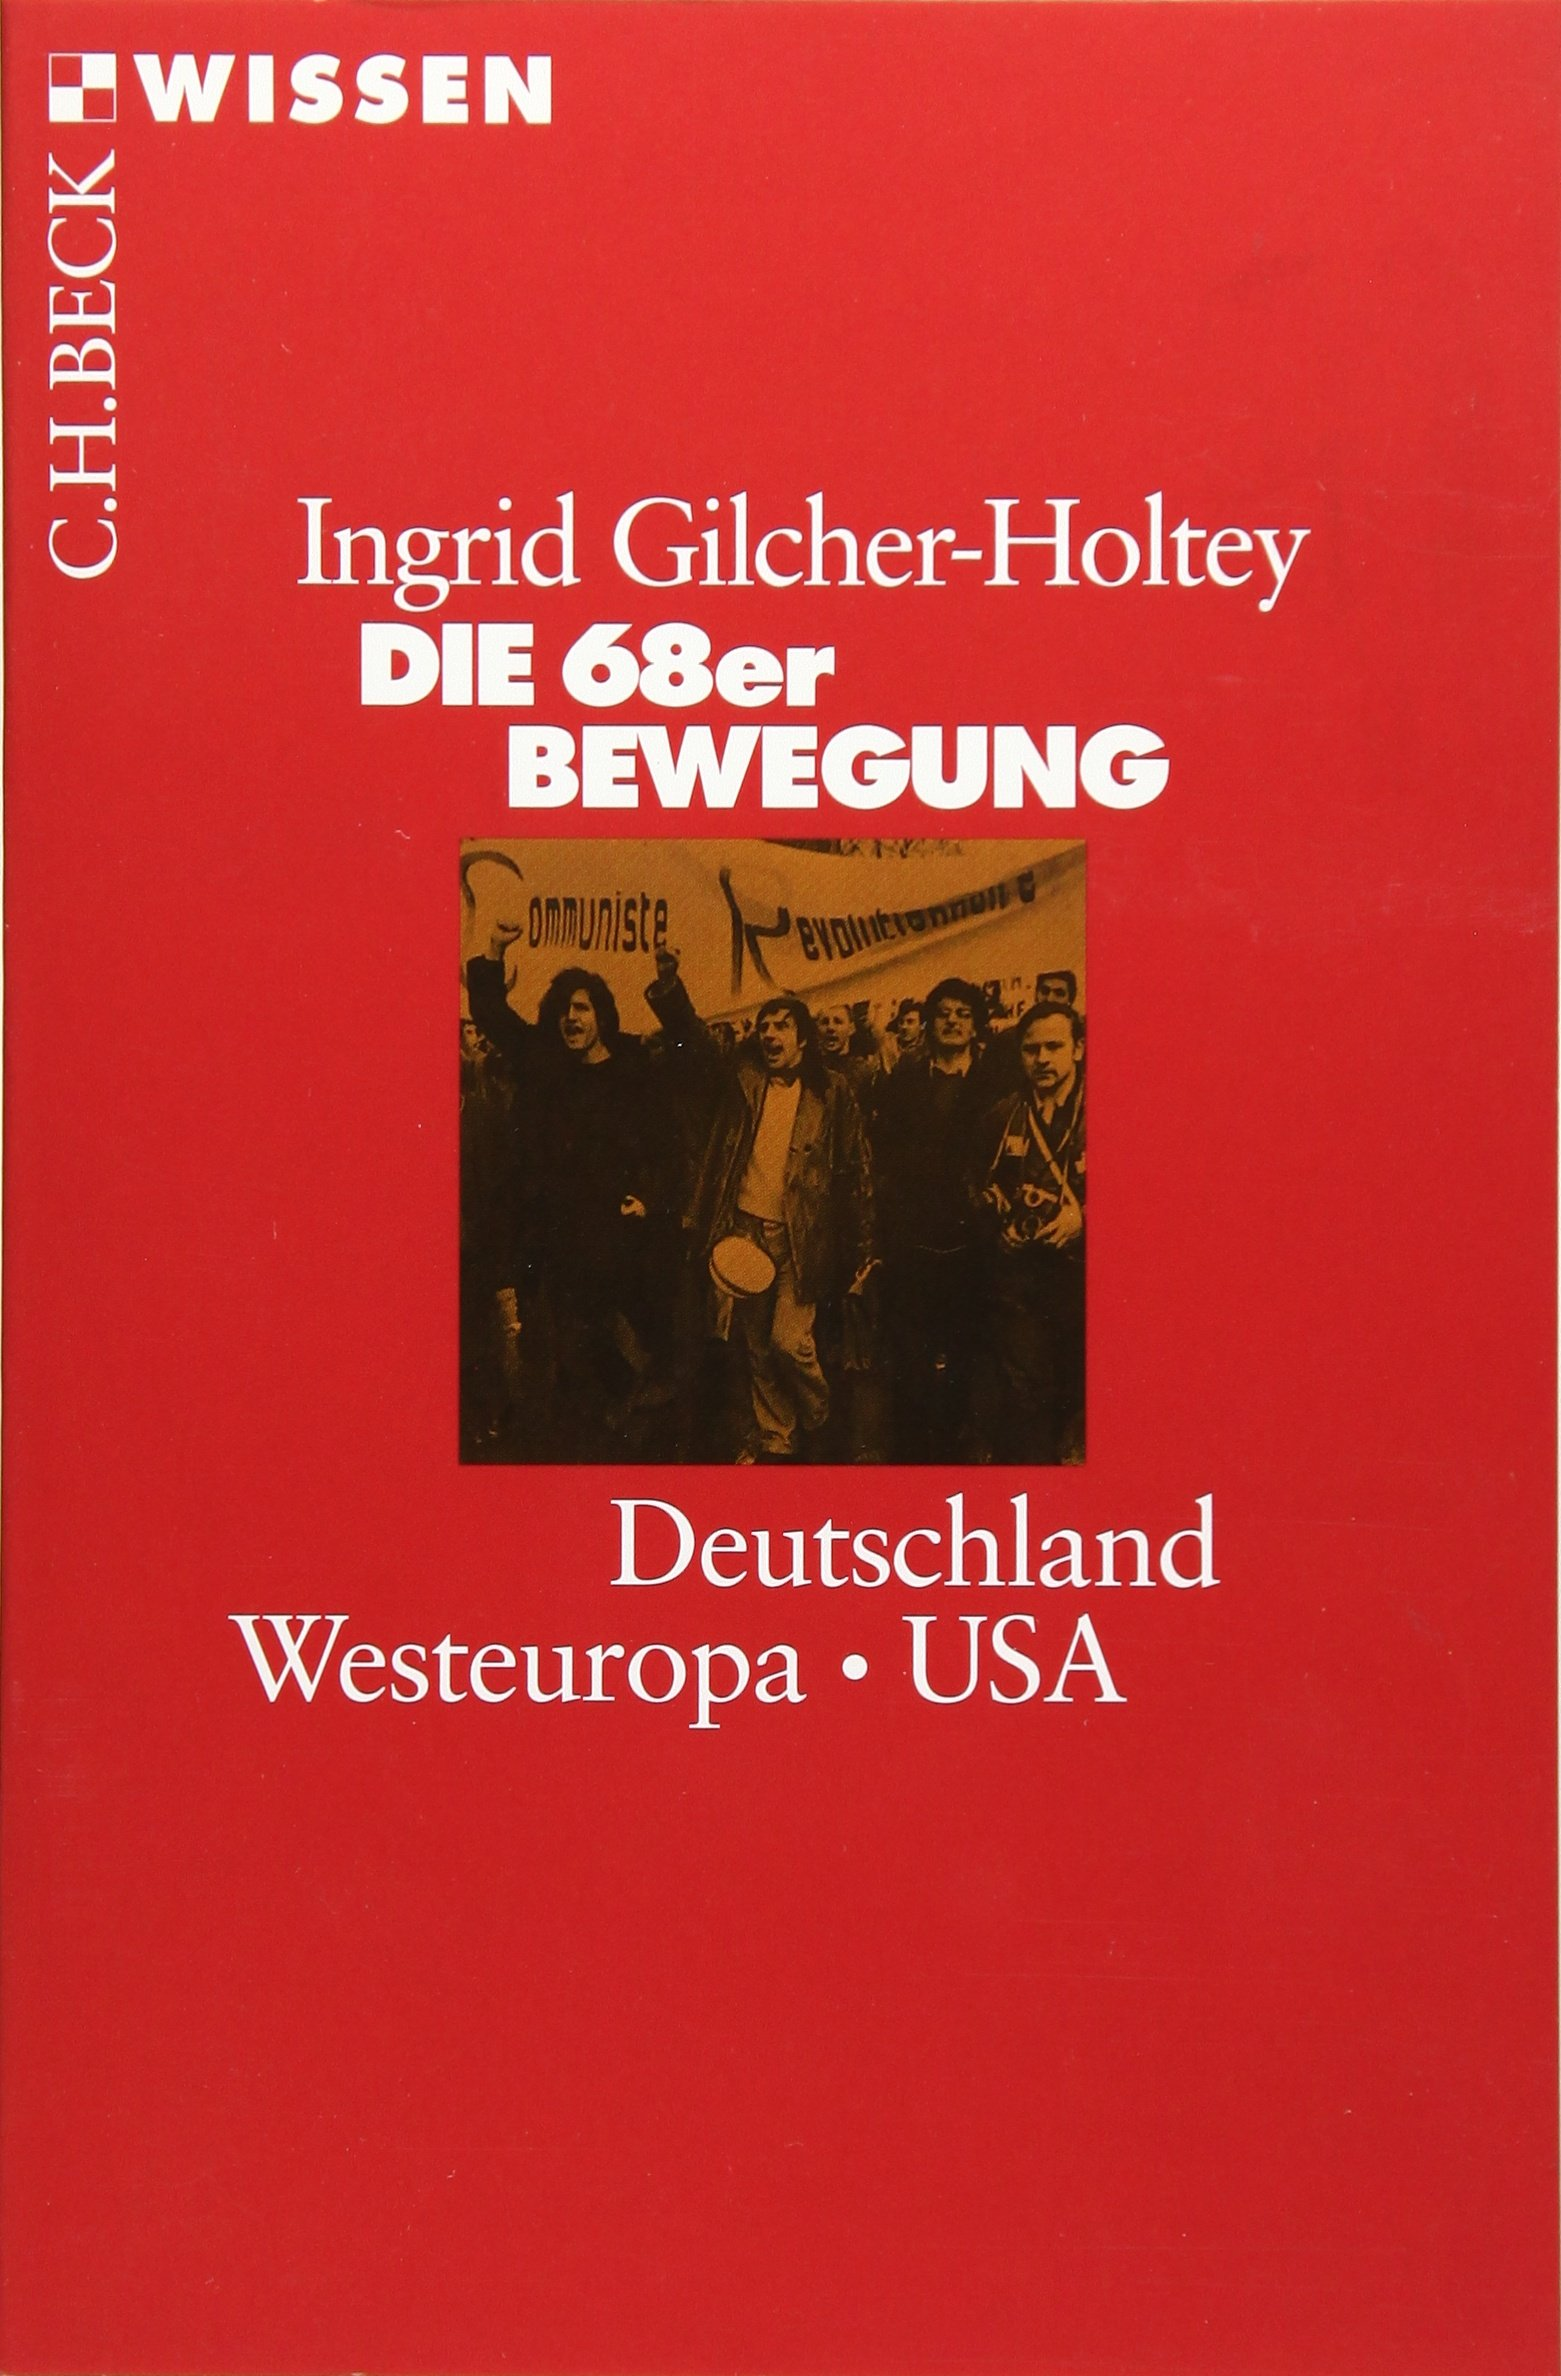 Die 68er Bewegung: Deutschland, Westeuropa, USA Taschenbuch – 13. Juni 2018 Ingrid Gilcher-Holtey C.H.Beck 340671000X 1960 bis 1969 n. Chr.